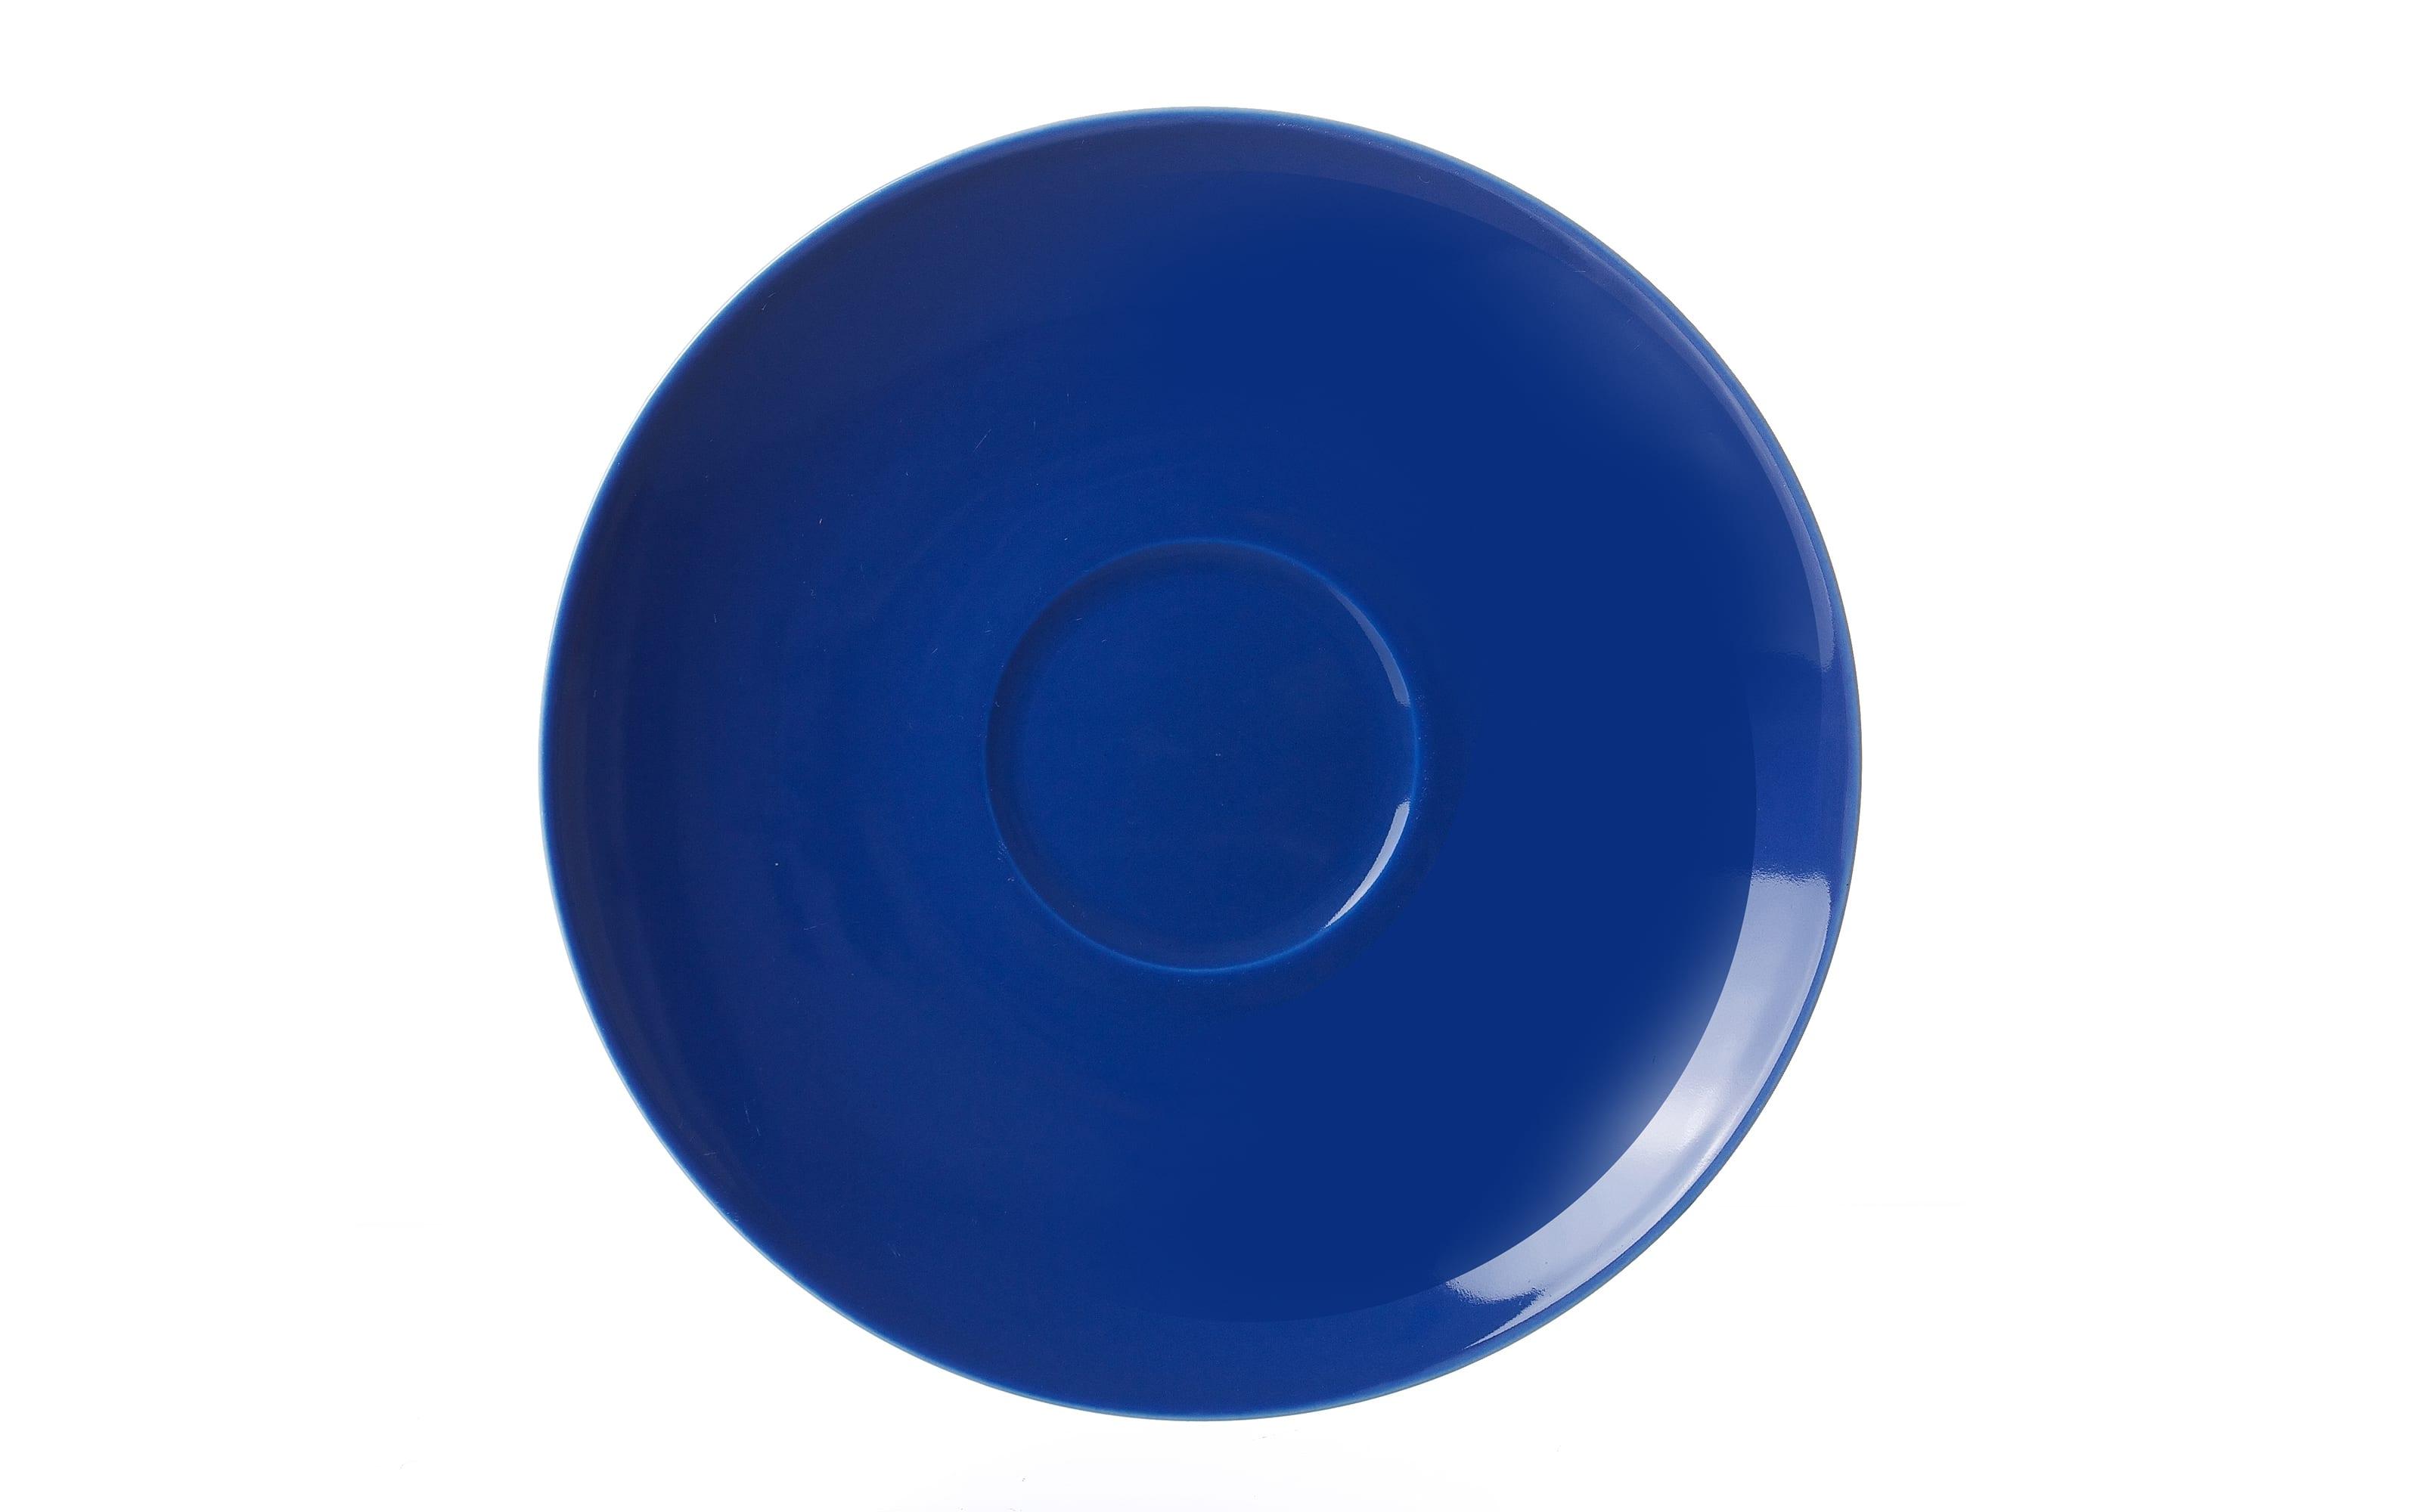 Untertasse Doppio in indigo, 16 cm